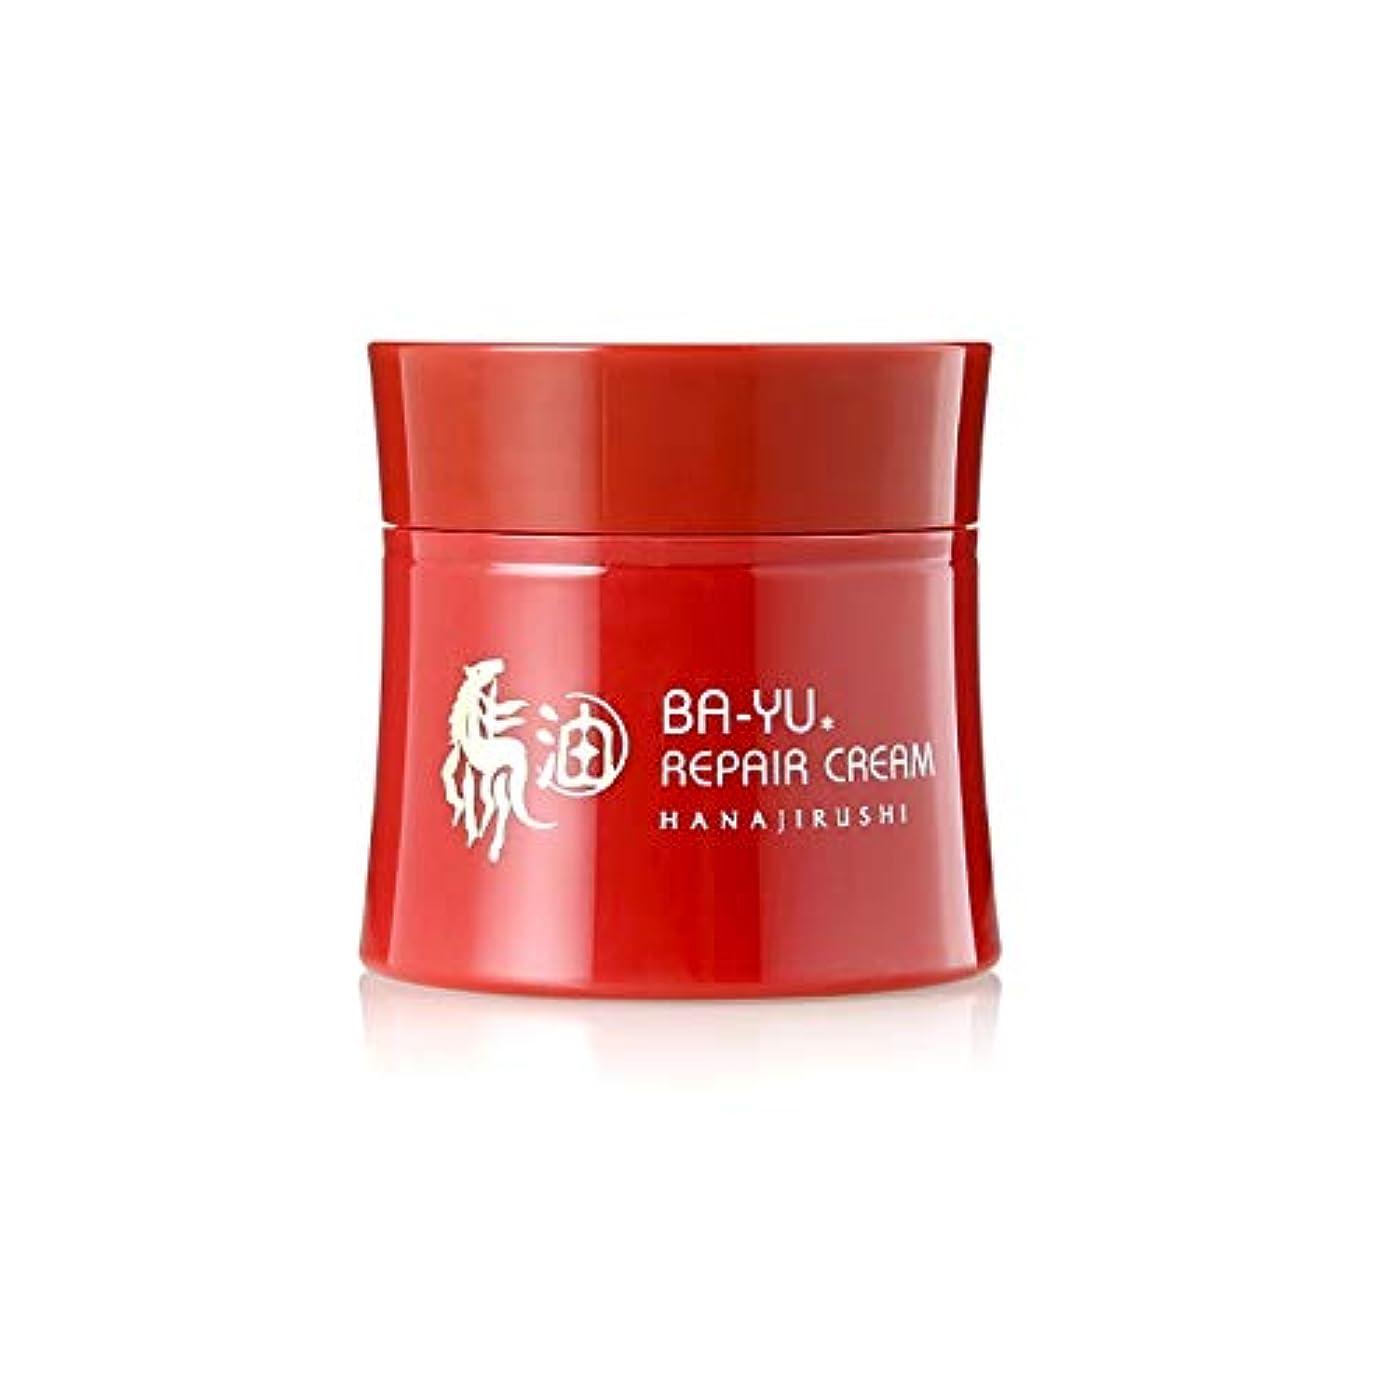 回転パキスタン人証言する花印モイスチュア リペア美容クリーム50g<馬油配合>浸透型保湿クリーム 顔&体用